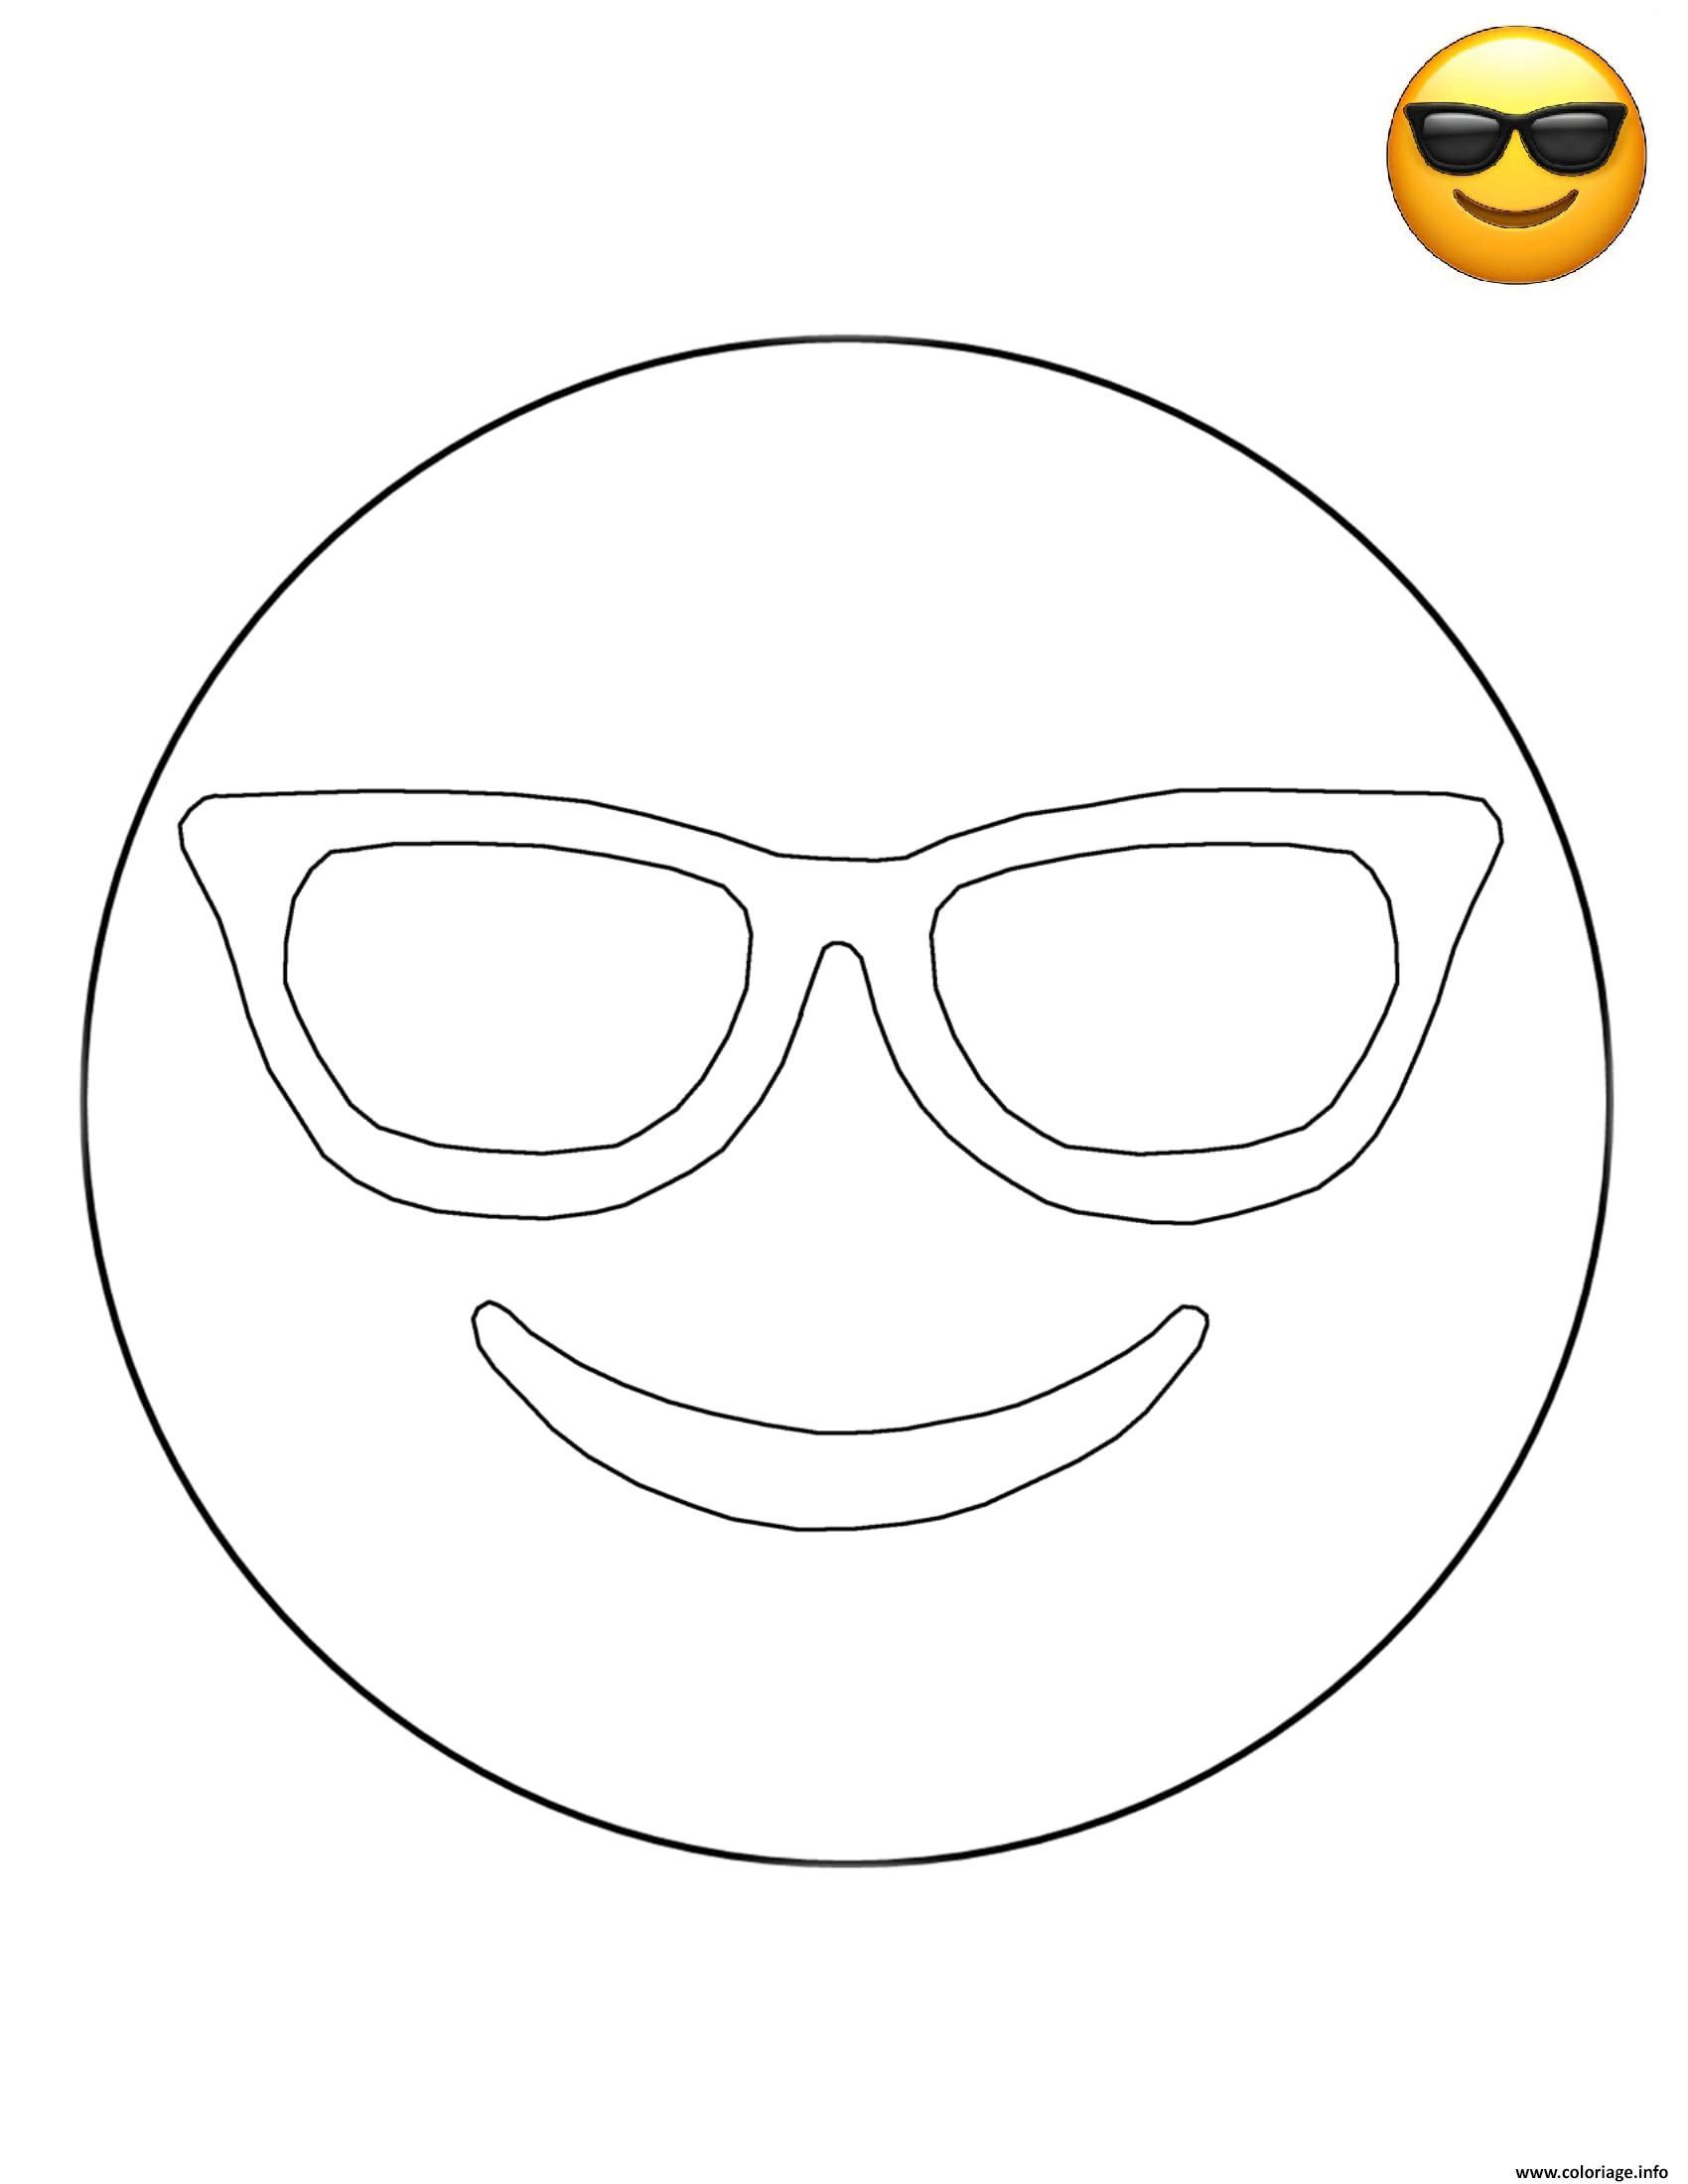 Coloriage emoji sunglasses smiley dessin - Smiley coloriage ...